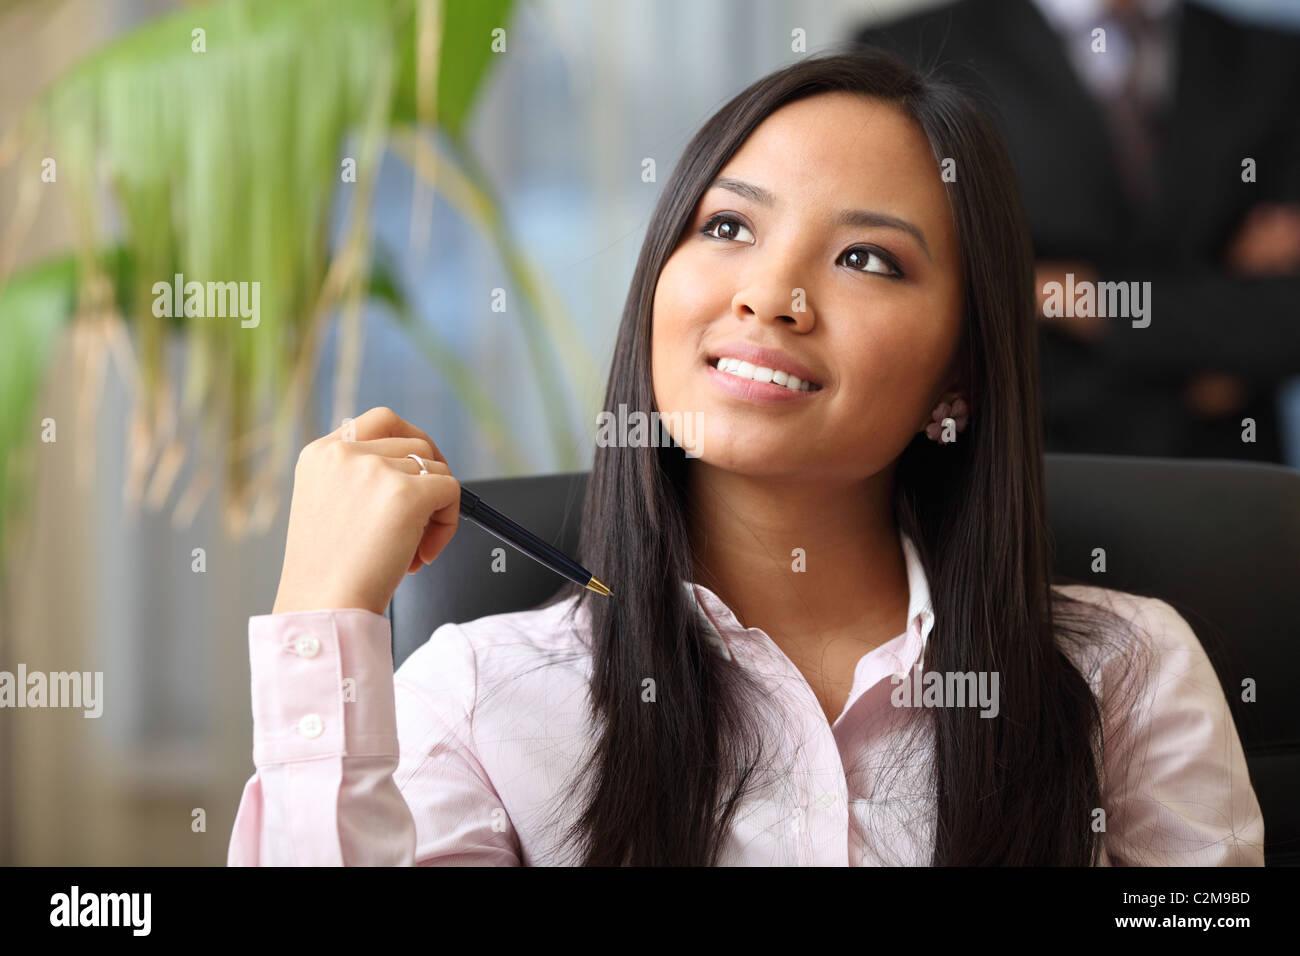 Porträt einer jungen schönen asiatischen Frau in einem geschäftlichen Umfeld Stockbild